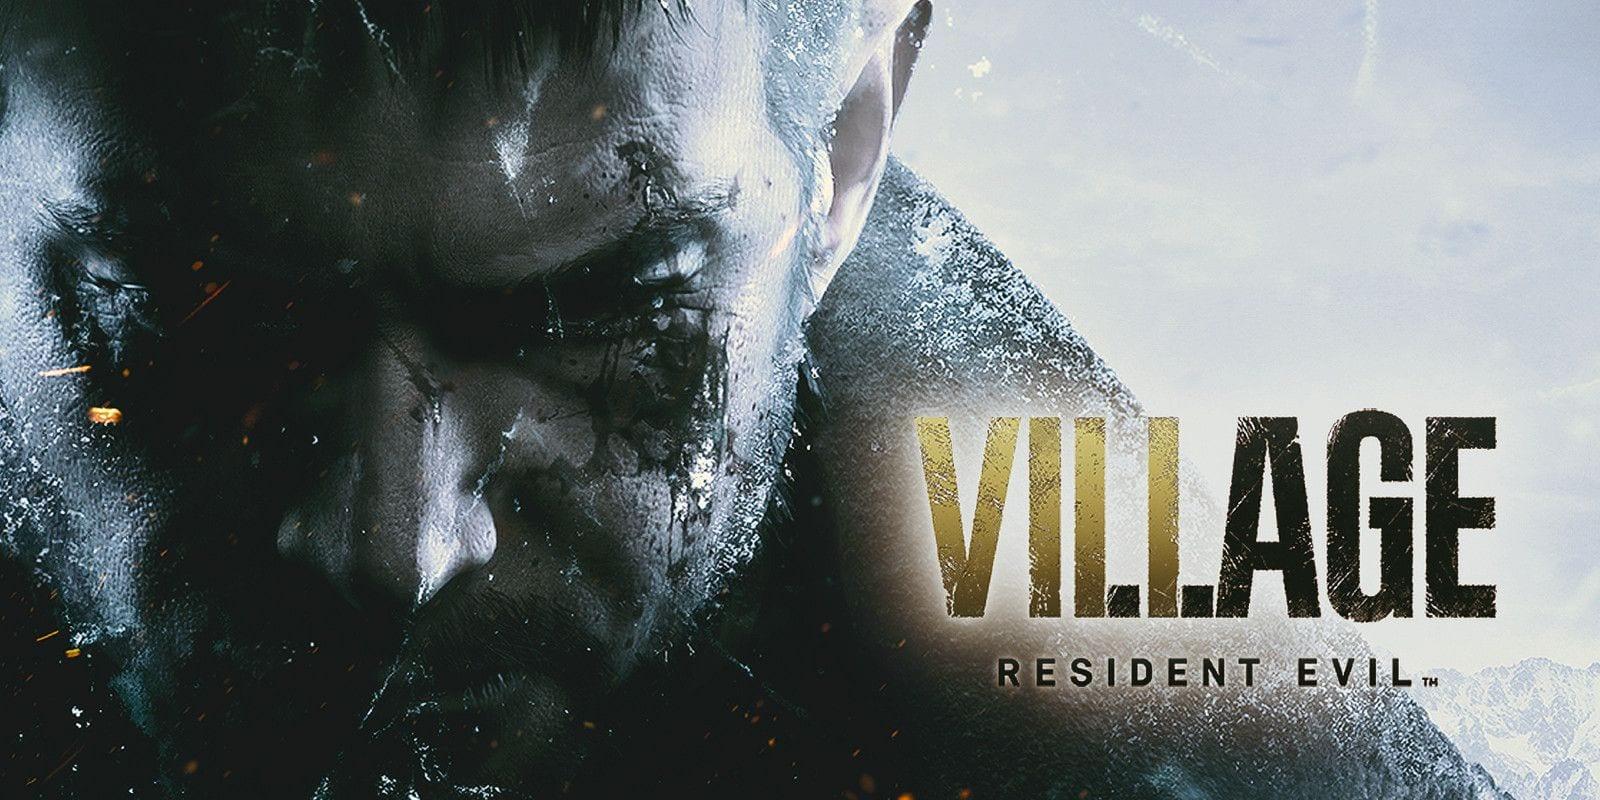 Resident Evil 8 Village Trailer Breakdown Gaming Exploits